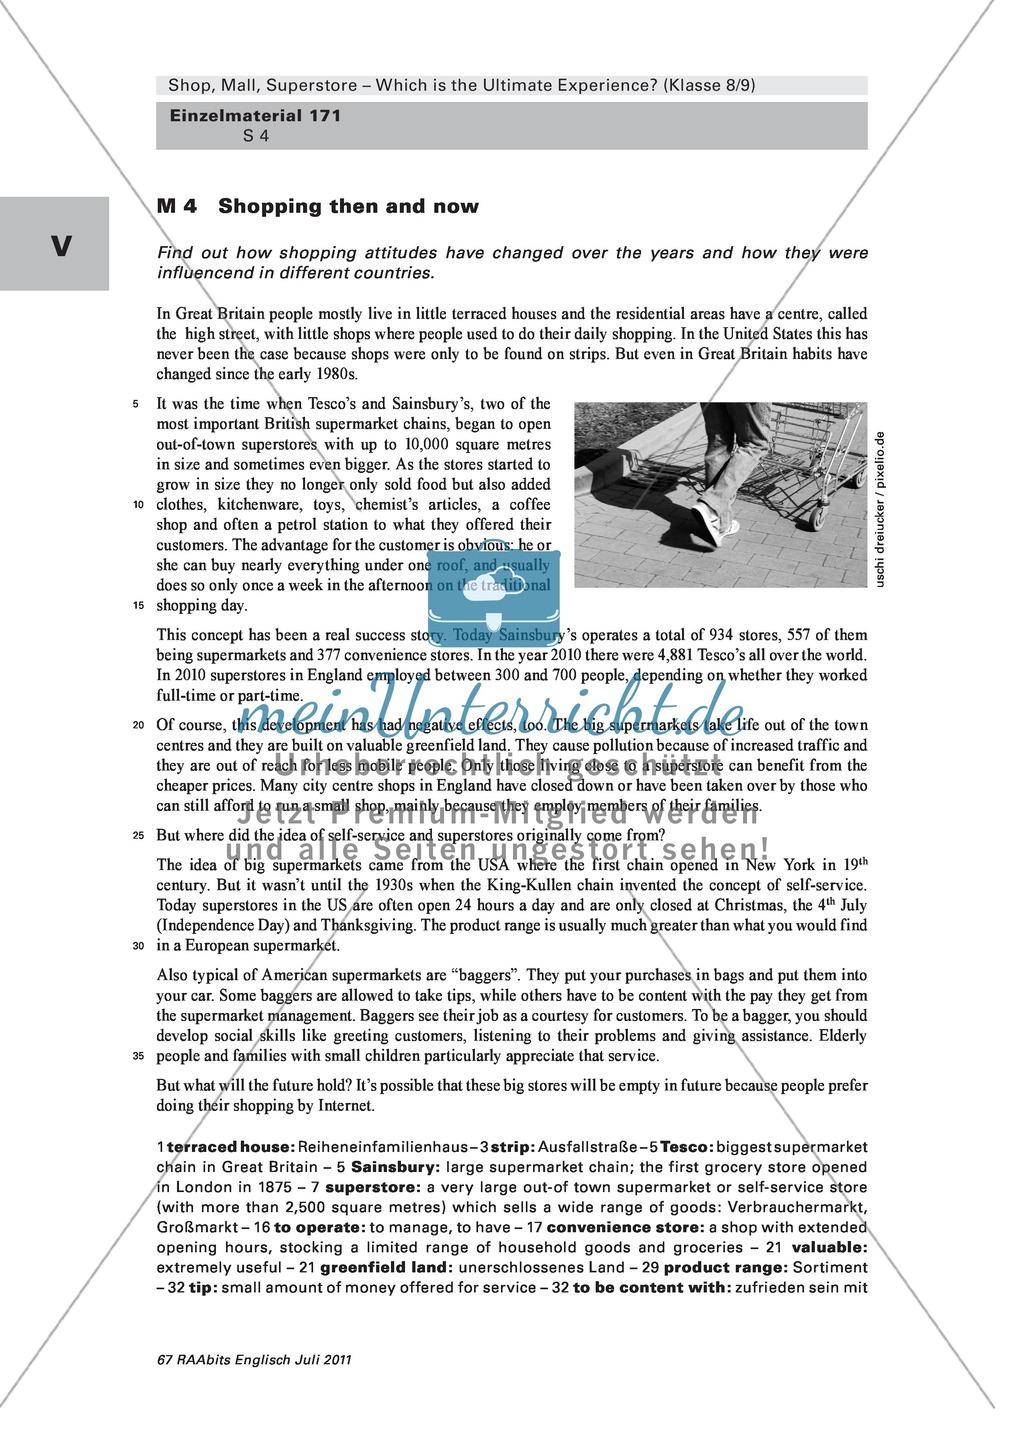 Shopping then and now: Der Vergleich zwischen den 80ern und heute. Mit Text und Aufgaben zur Aufarbeitung des Textes. Preview 0